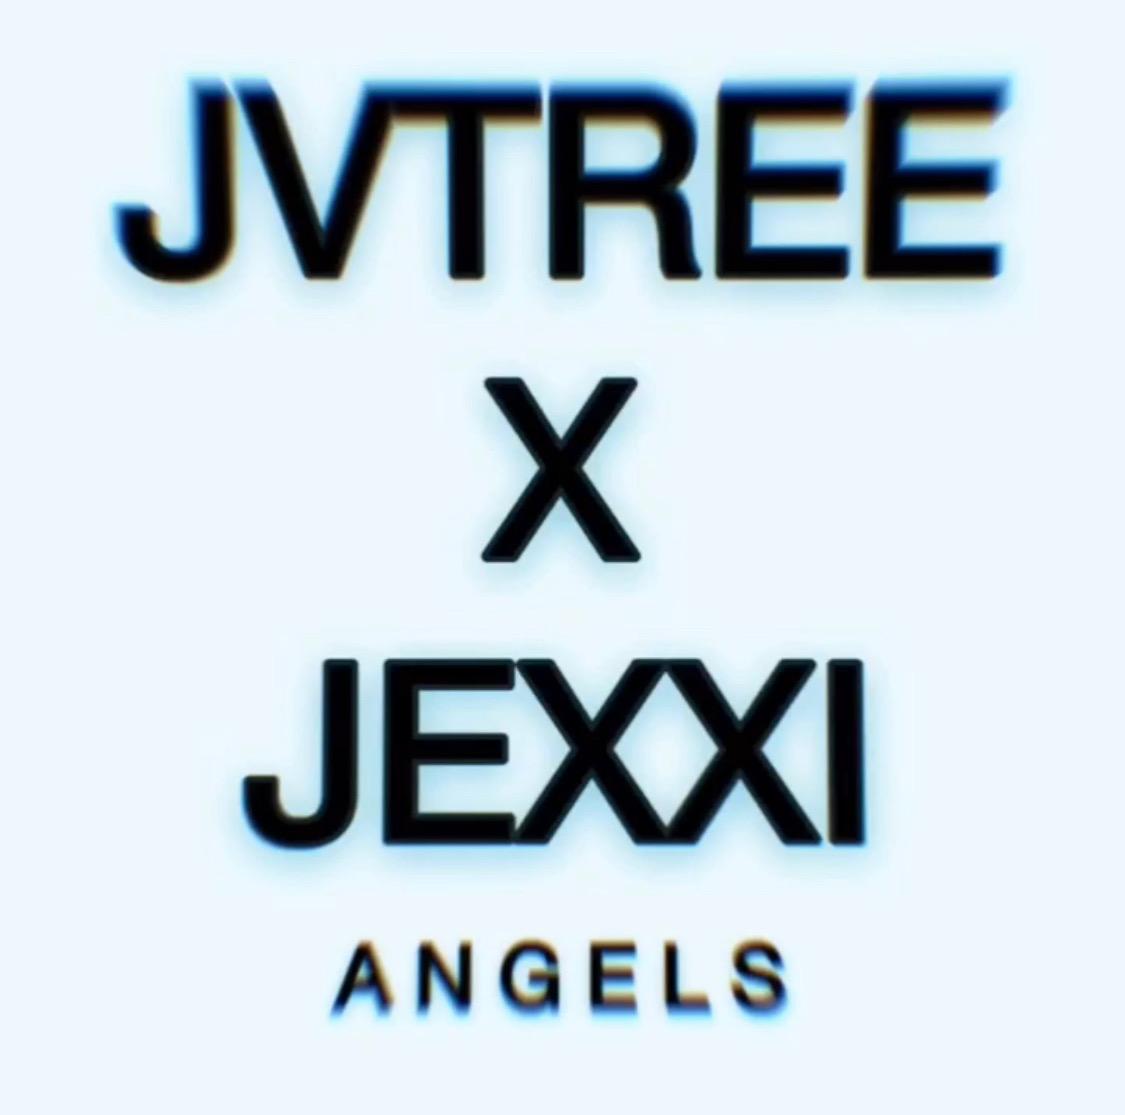 JVTree x Jexxi - Angels